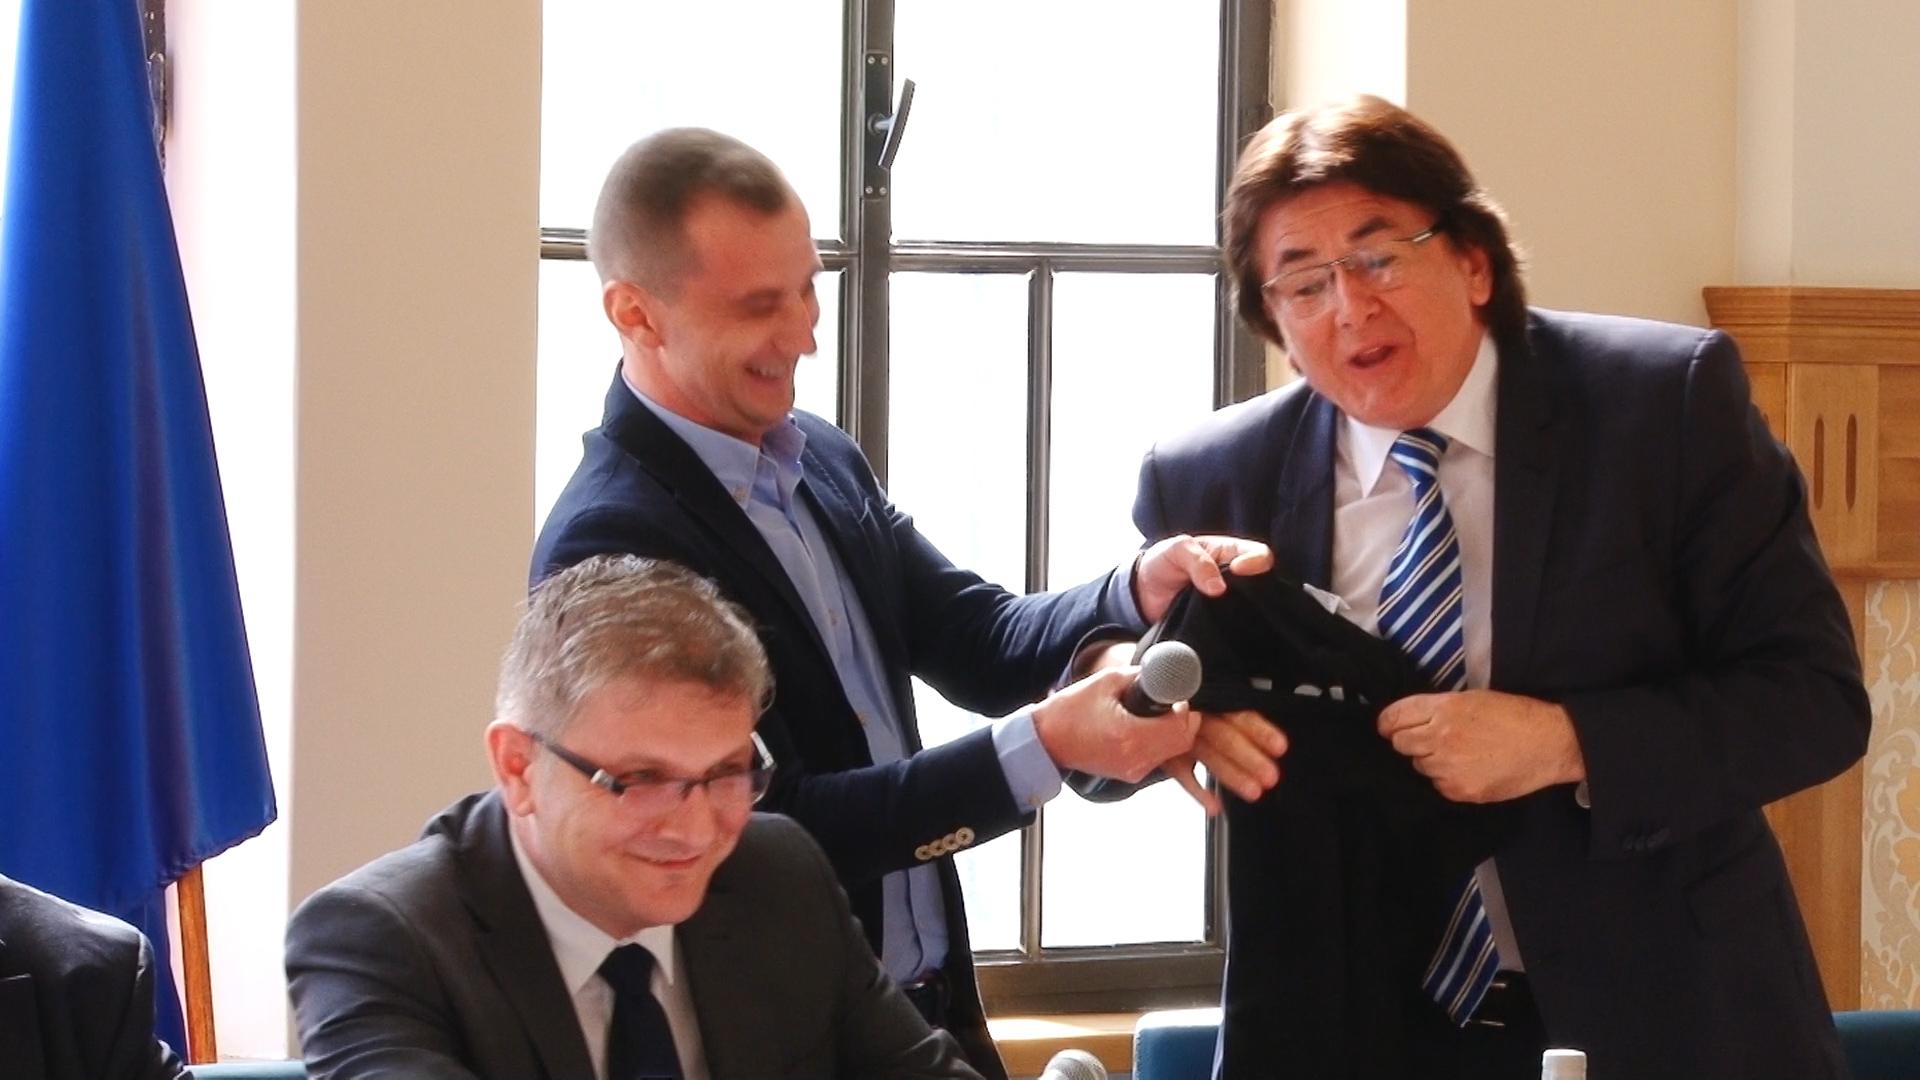 Primarul Robu şi consilierul Simonis, dispută pe… anchetatul Popoviciu.Still006